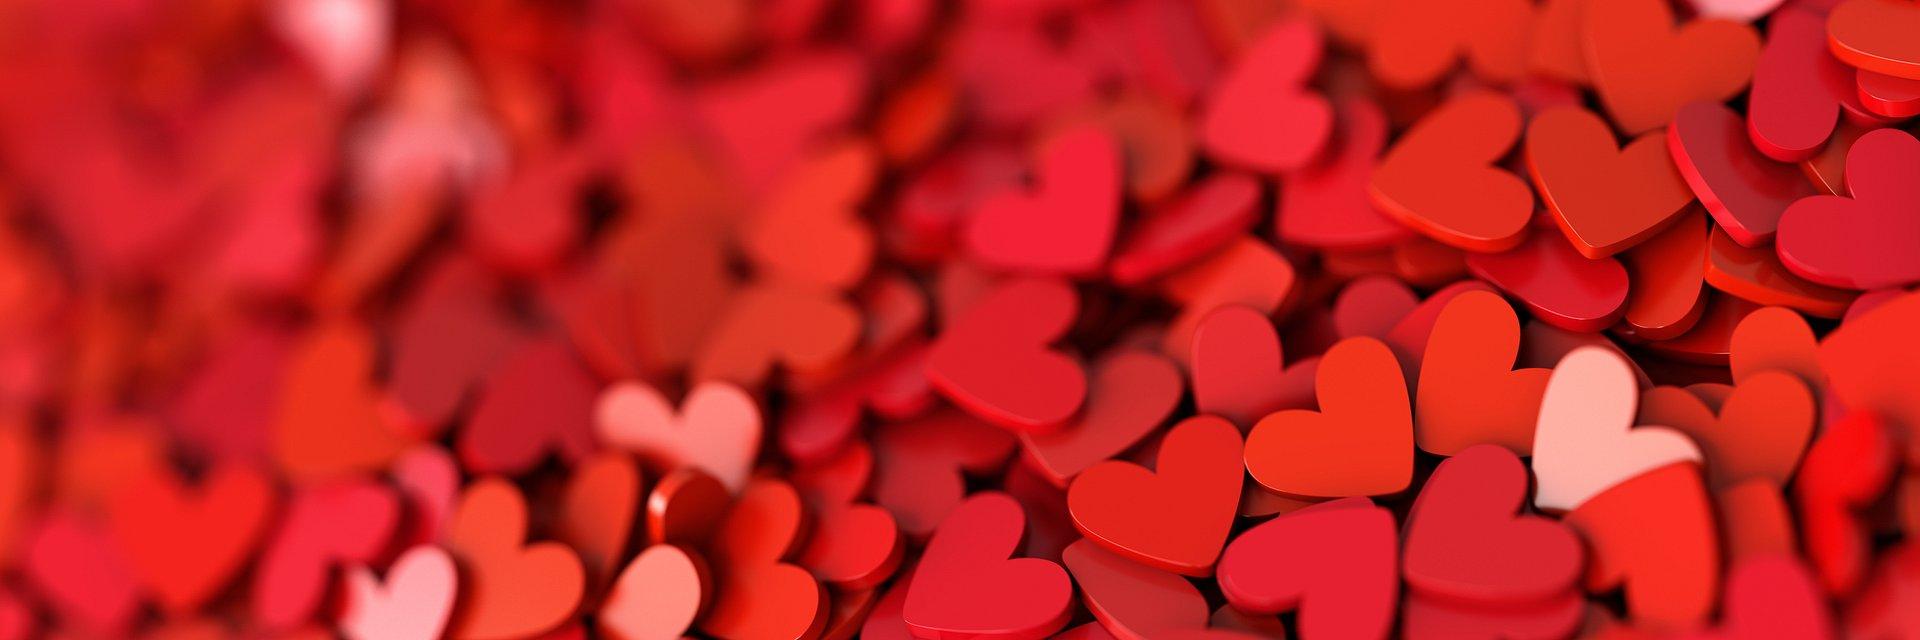 Zakupy pełne miłości w Zielonych Arkadach